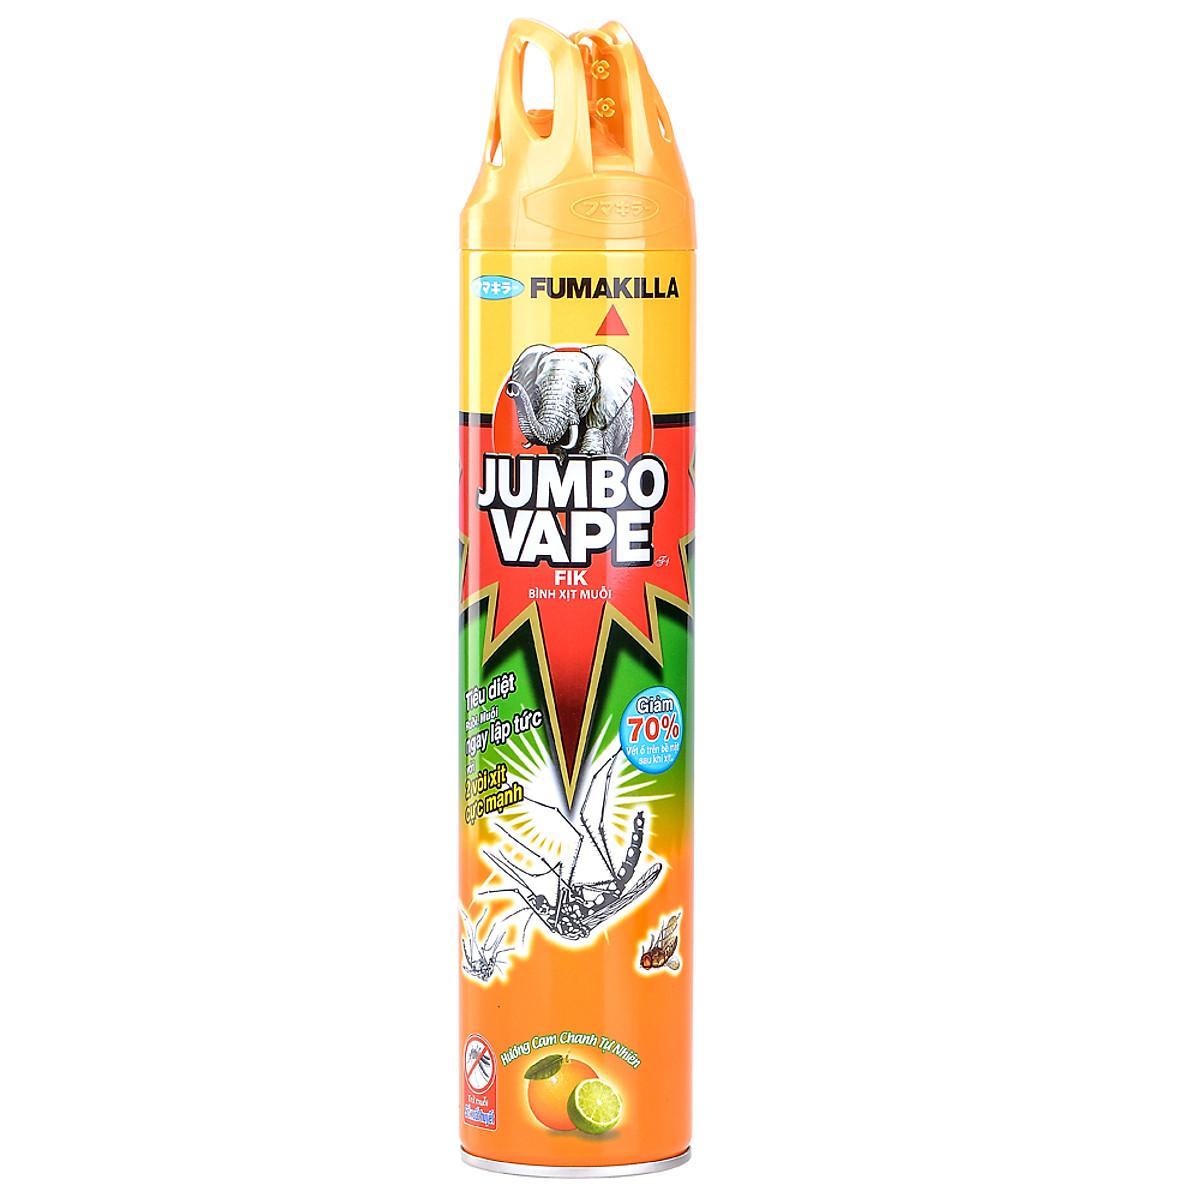 Bình xịt muỗi Jumbo Vape tốt, an toàn và không độc hại